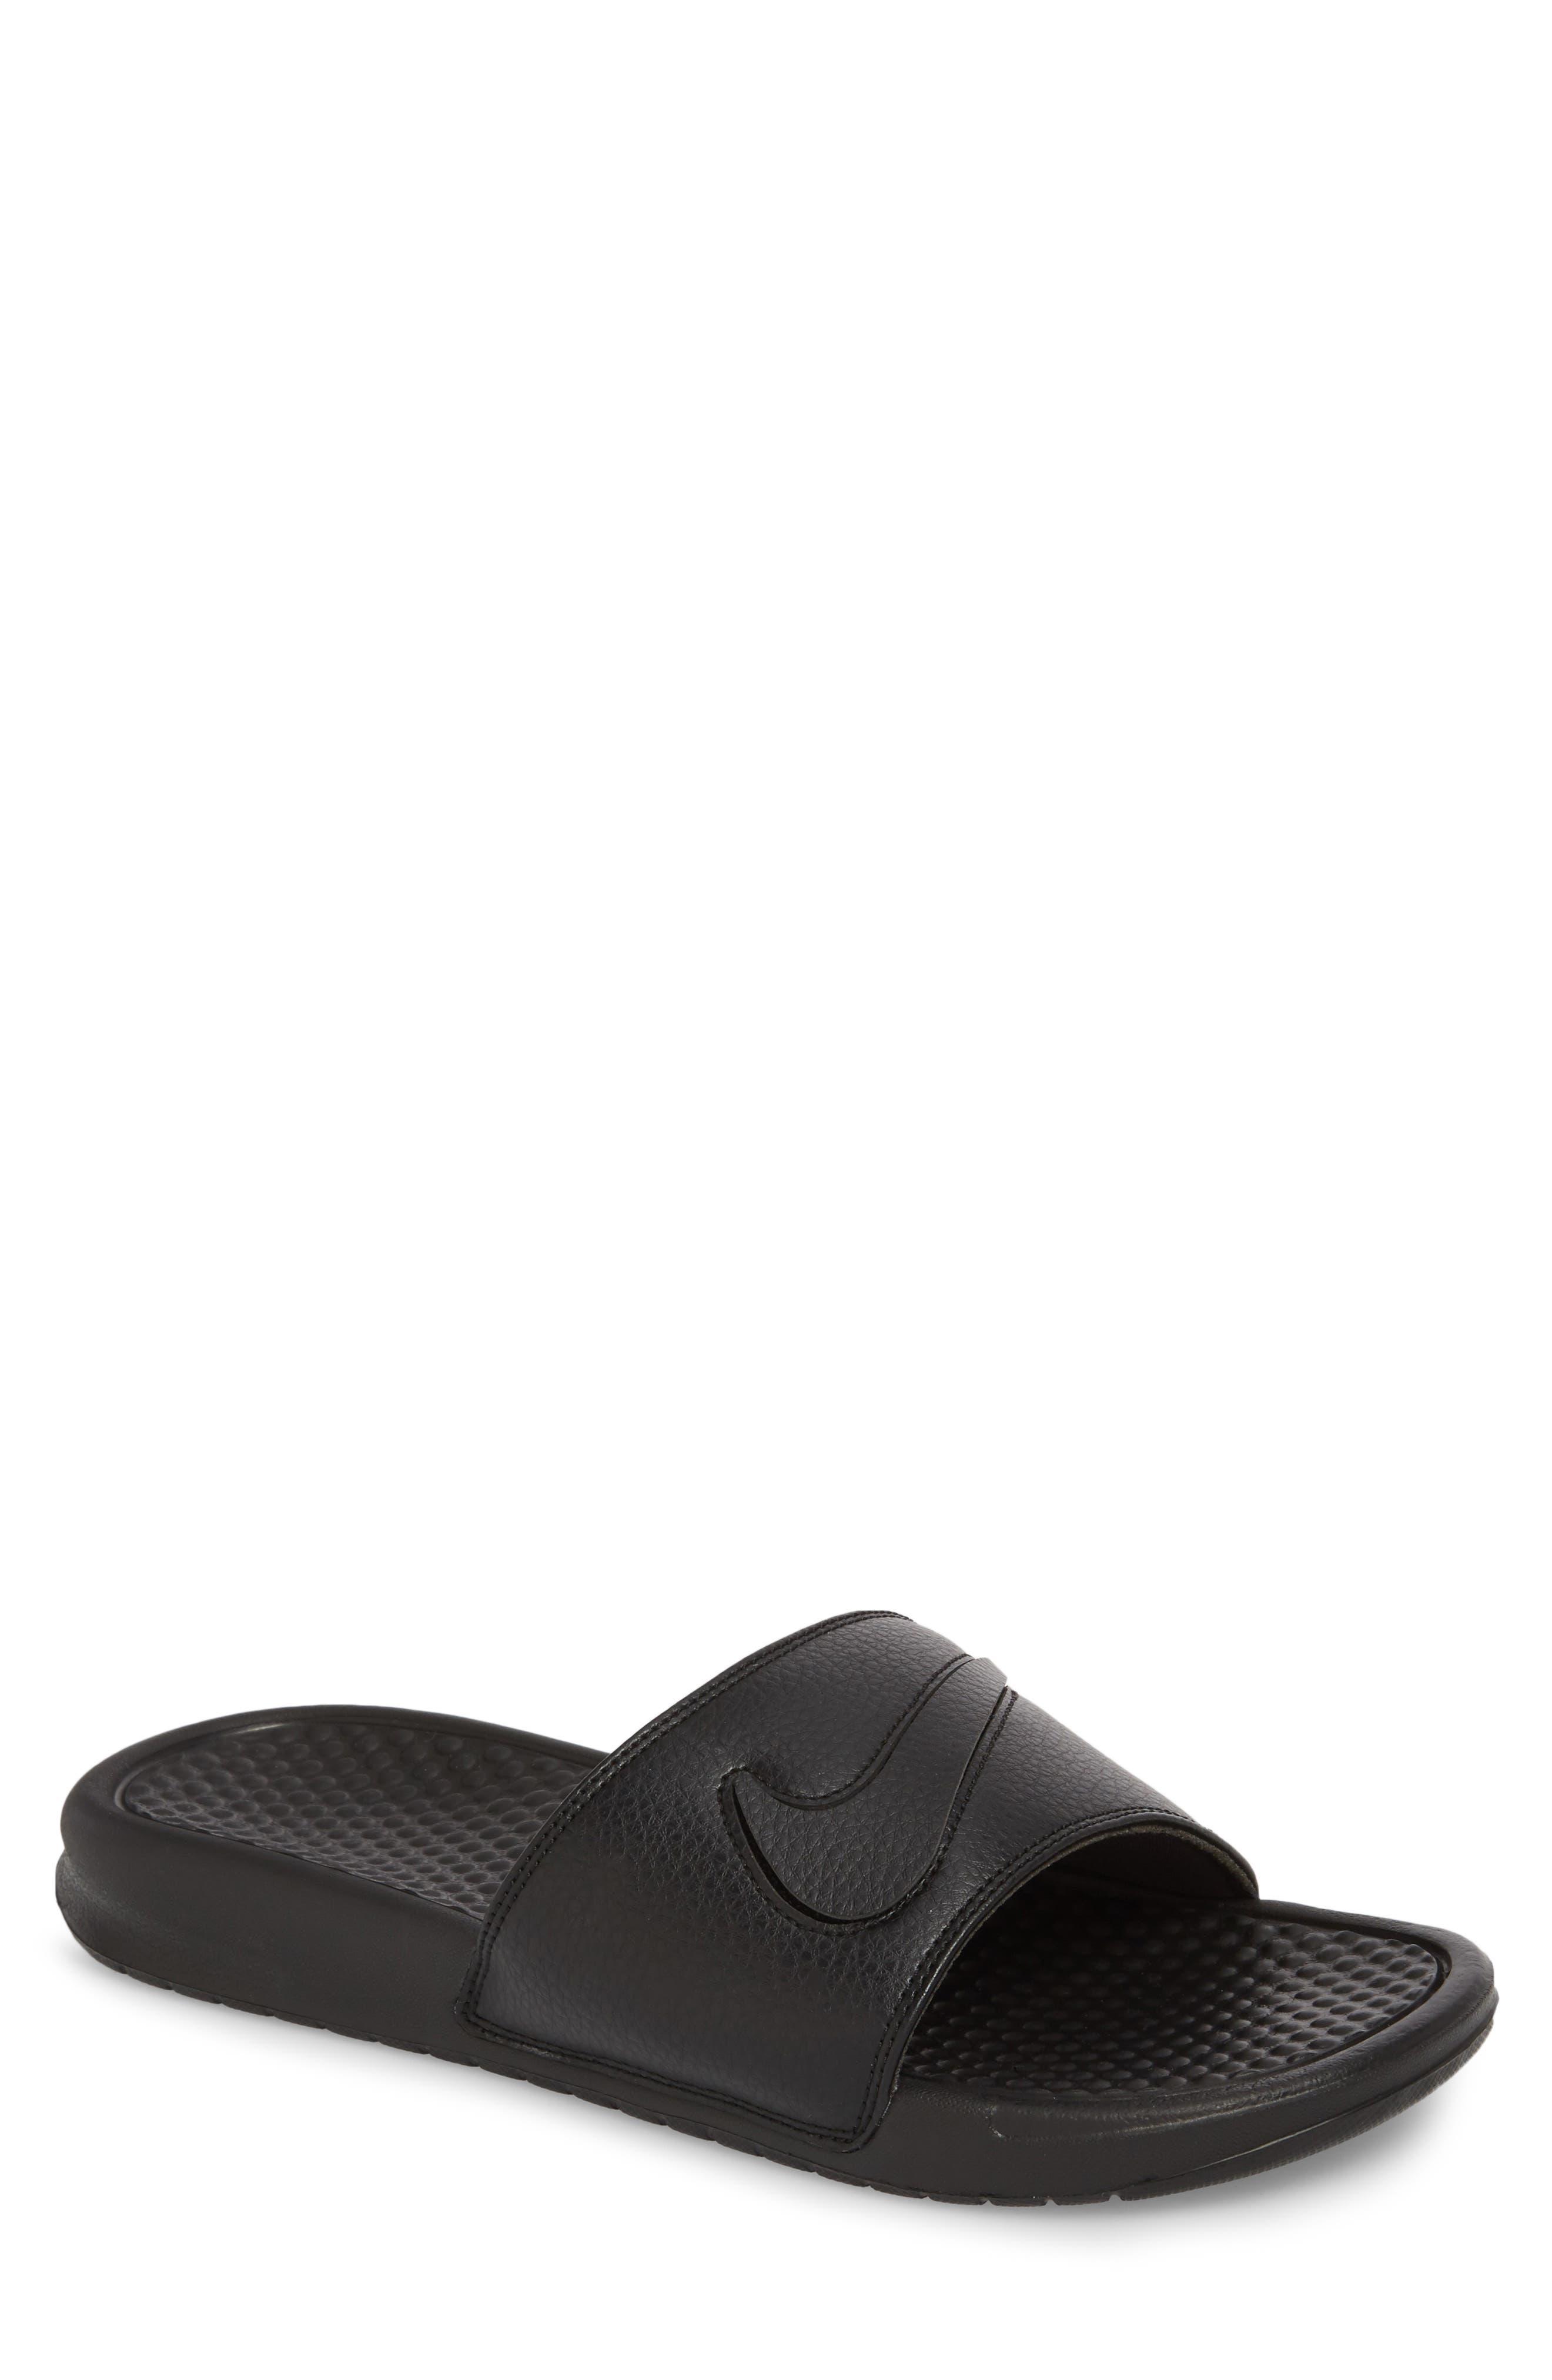 NIKE,                             Benassi JDI Customizable Slide Sandal,                             Main thumbnail 1, color,                             001